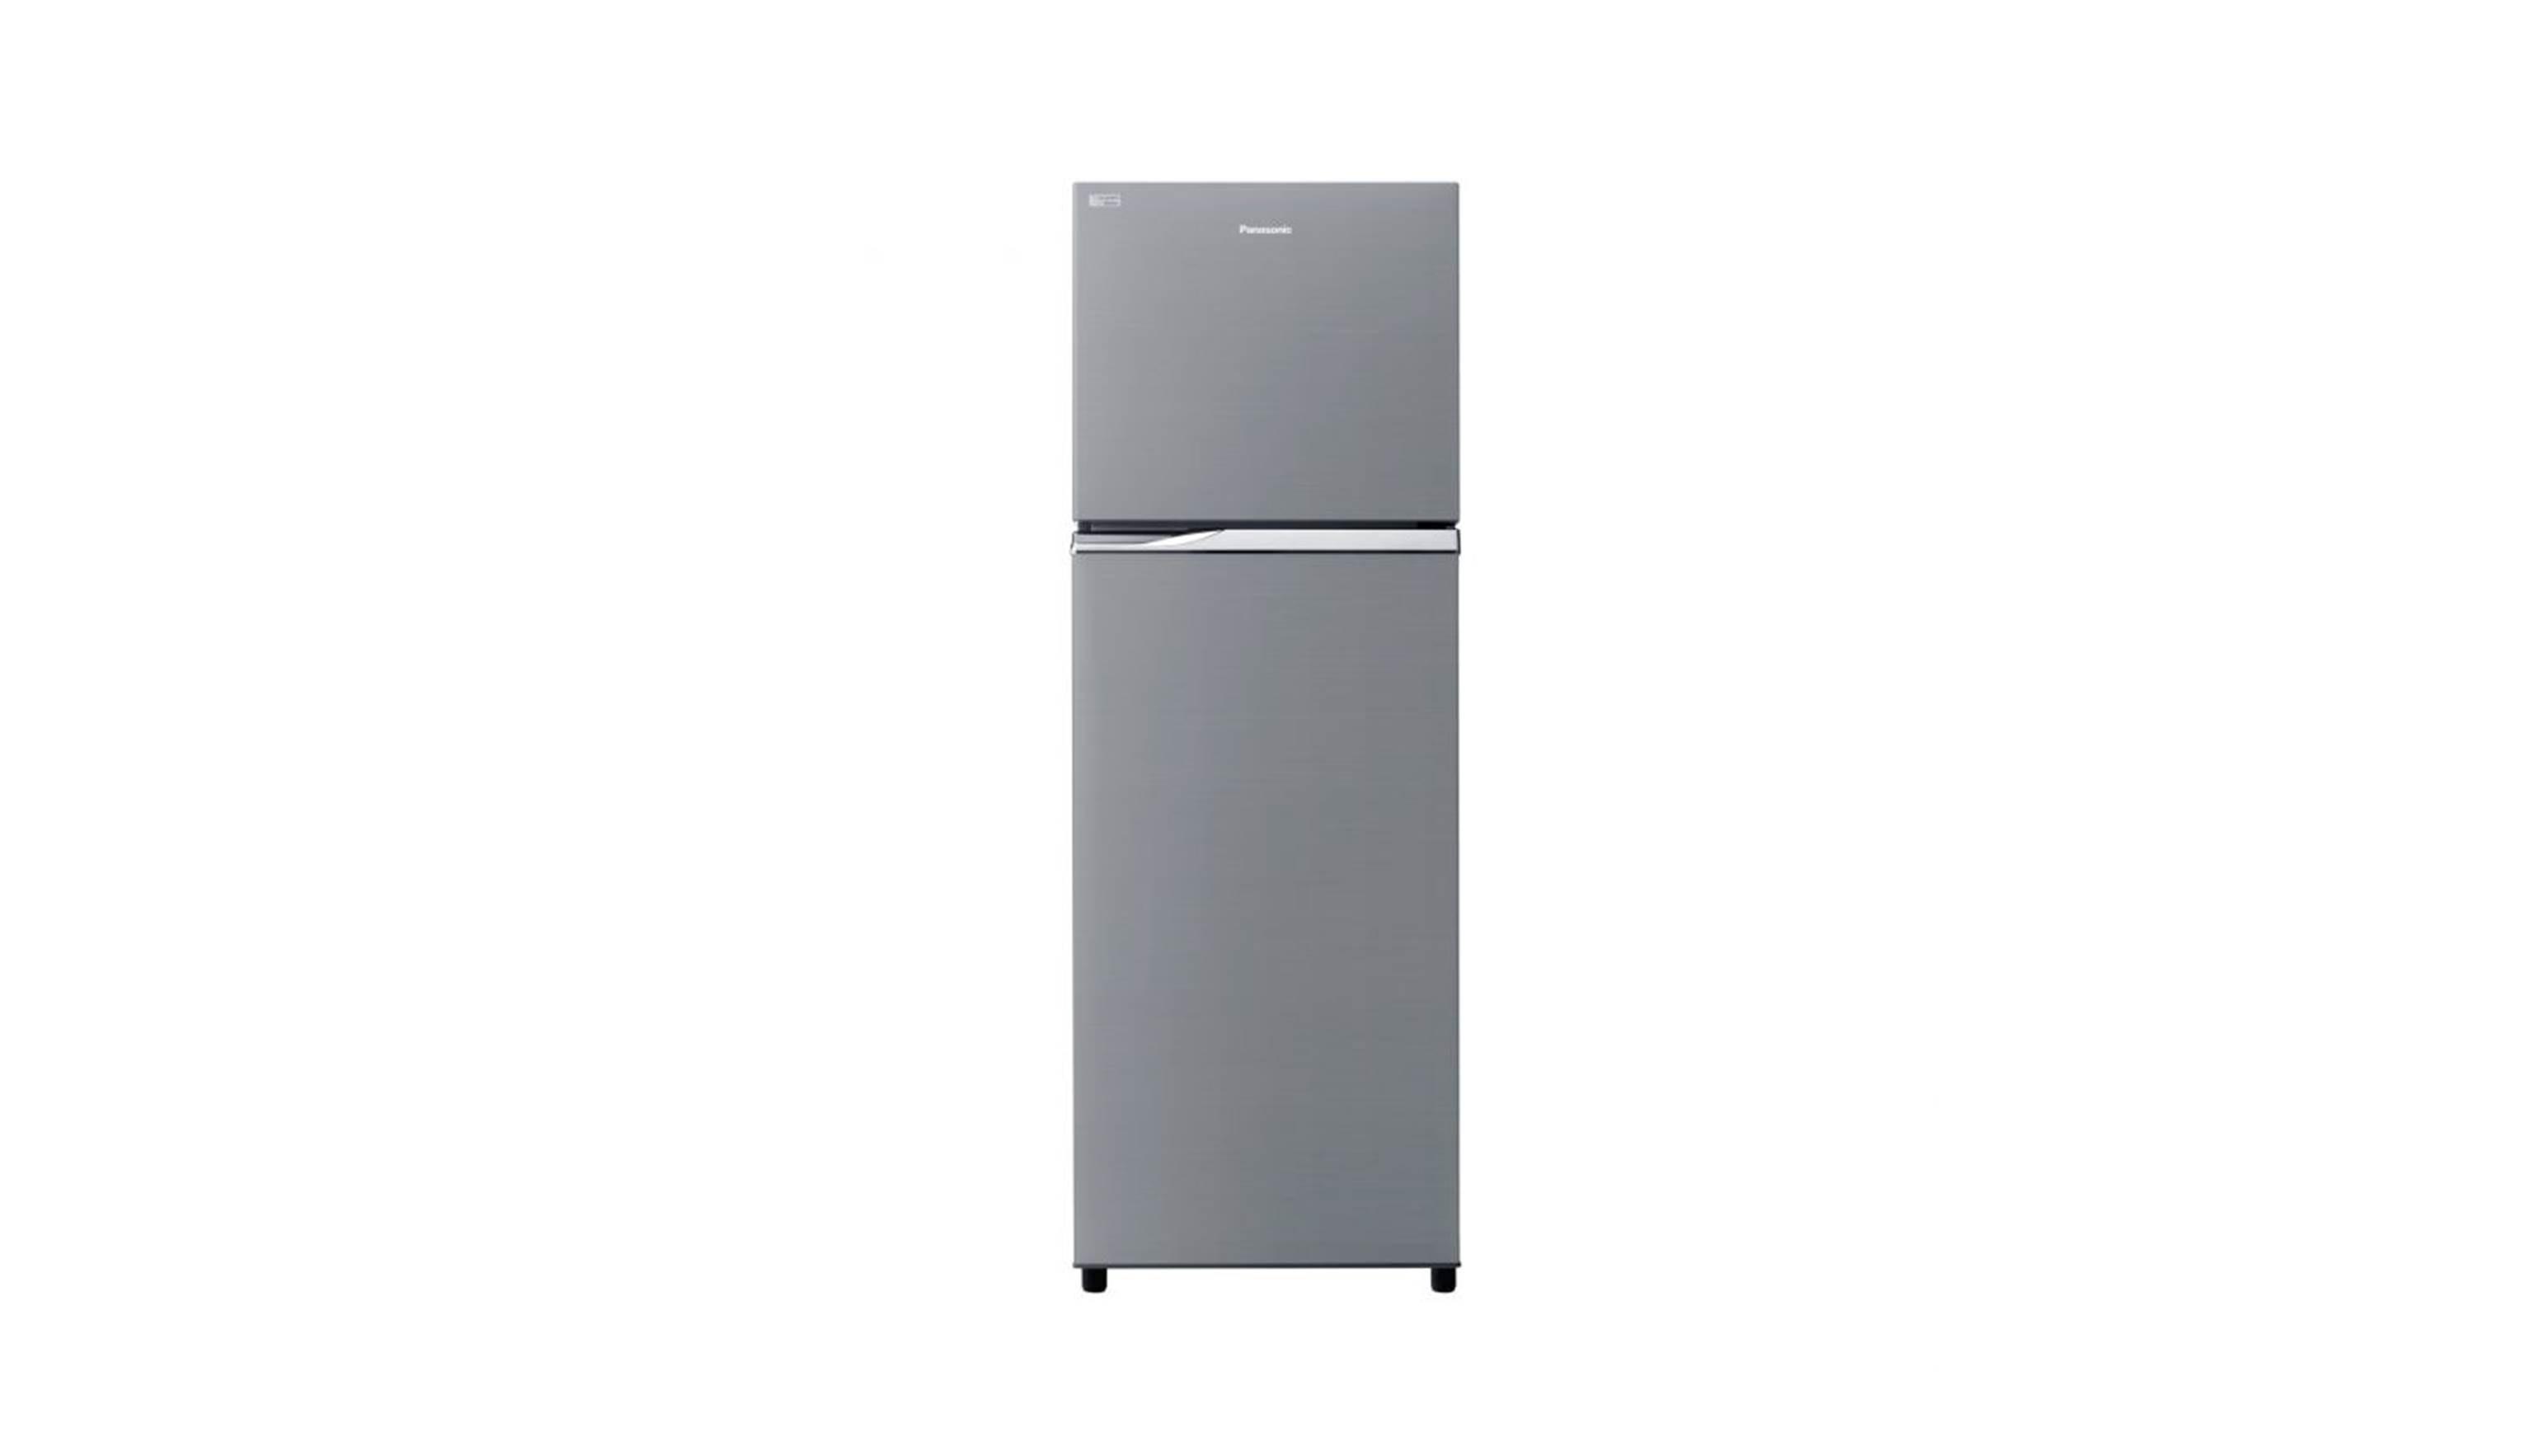 Panasonic NR-BL268PSSG 2 Door Refrigerator